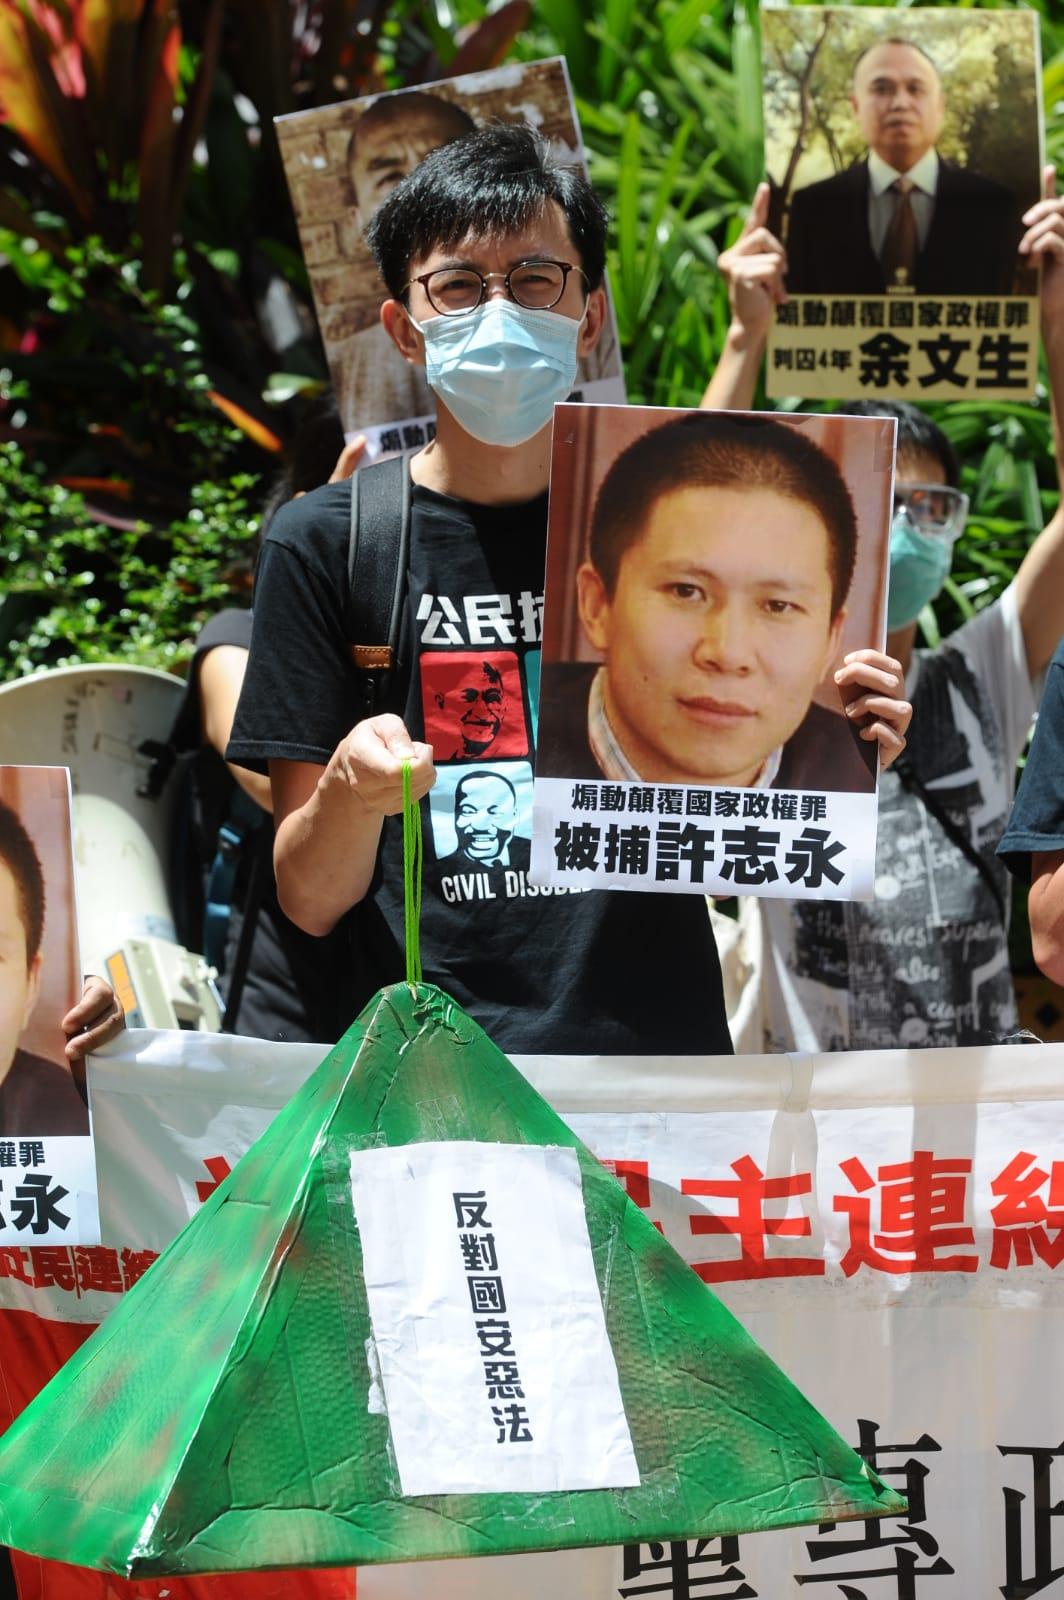 社民連也將反對國安惡法的標語,貼在粽子上。(宋碧龍/大紀元)